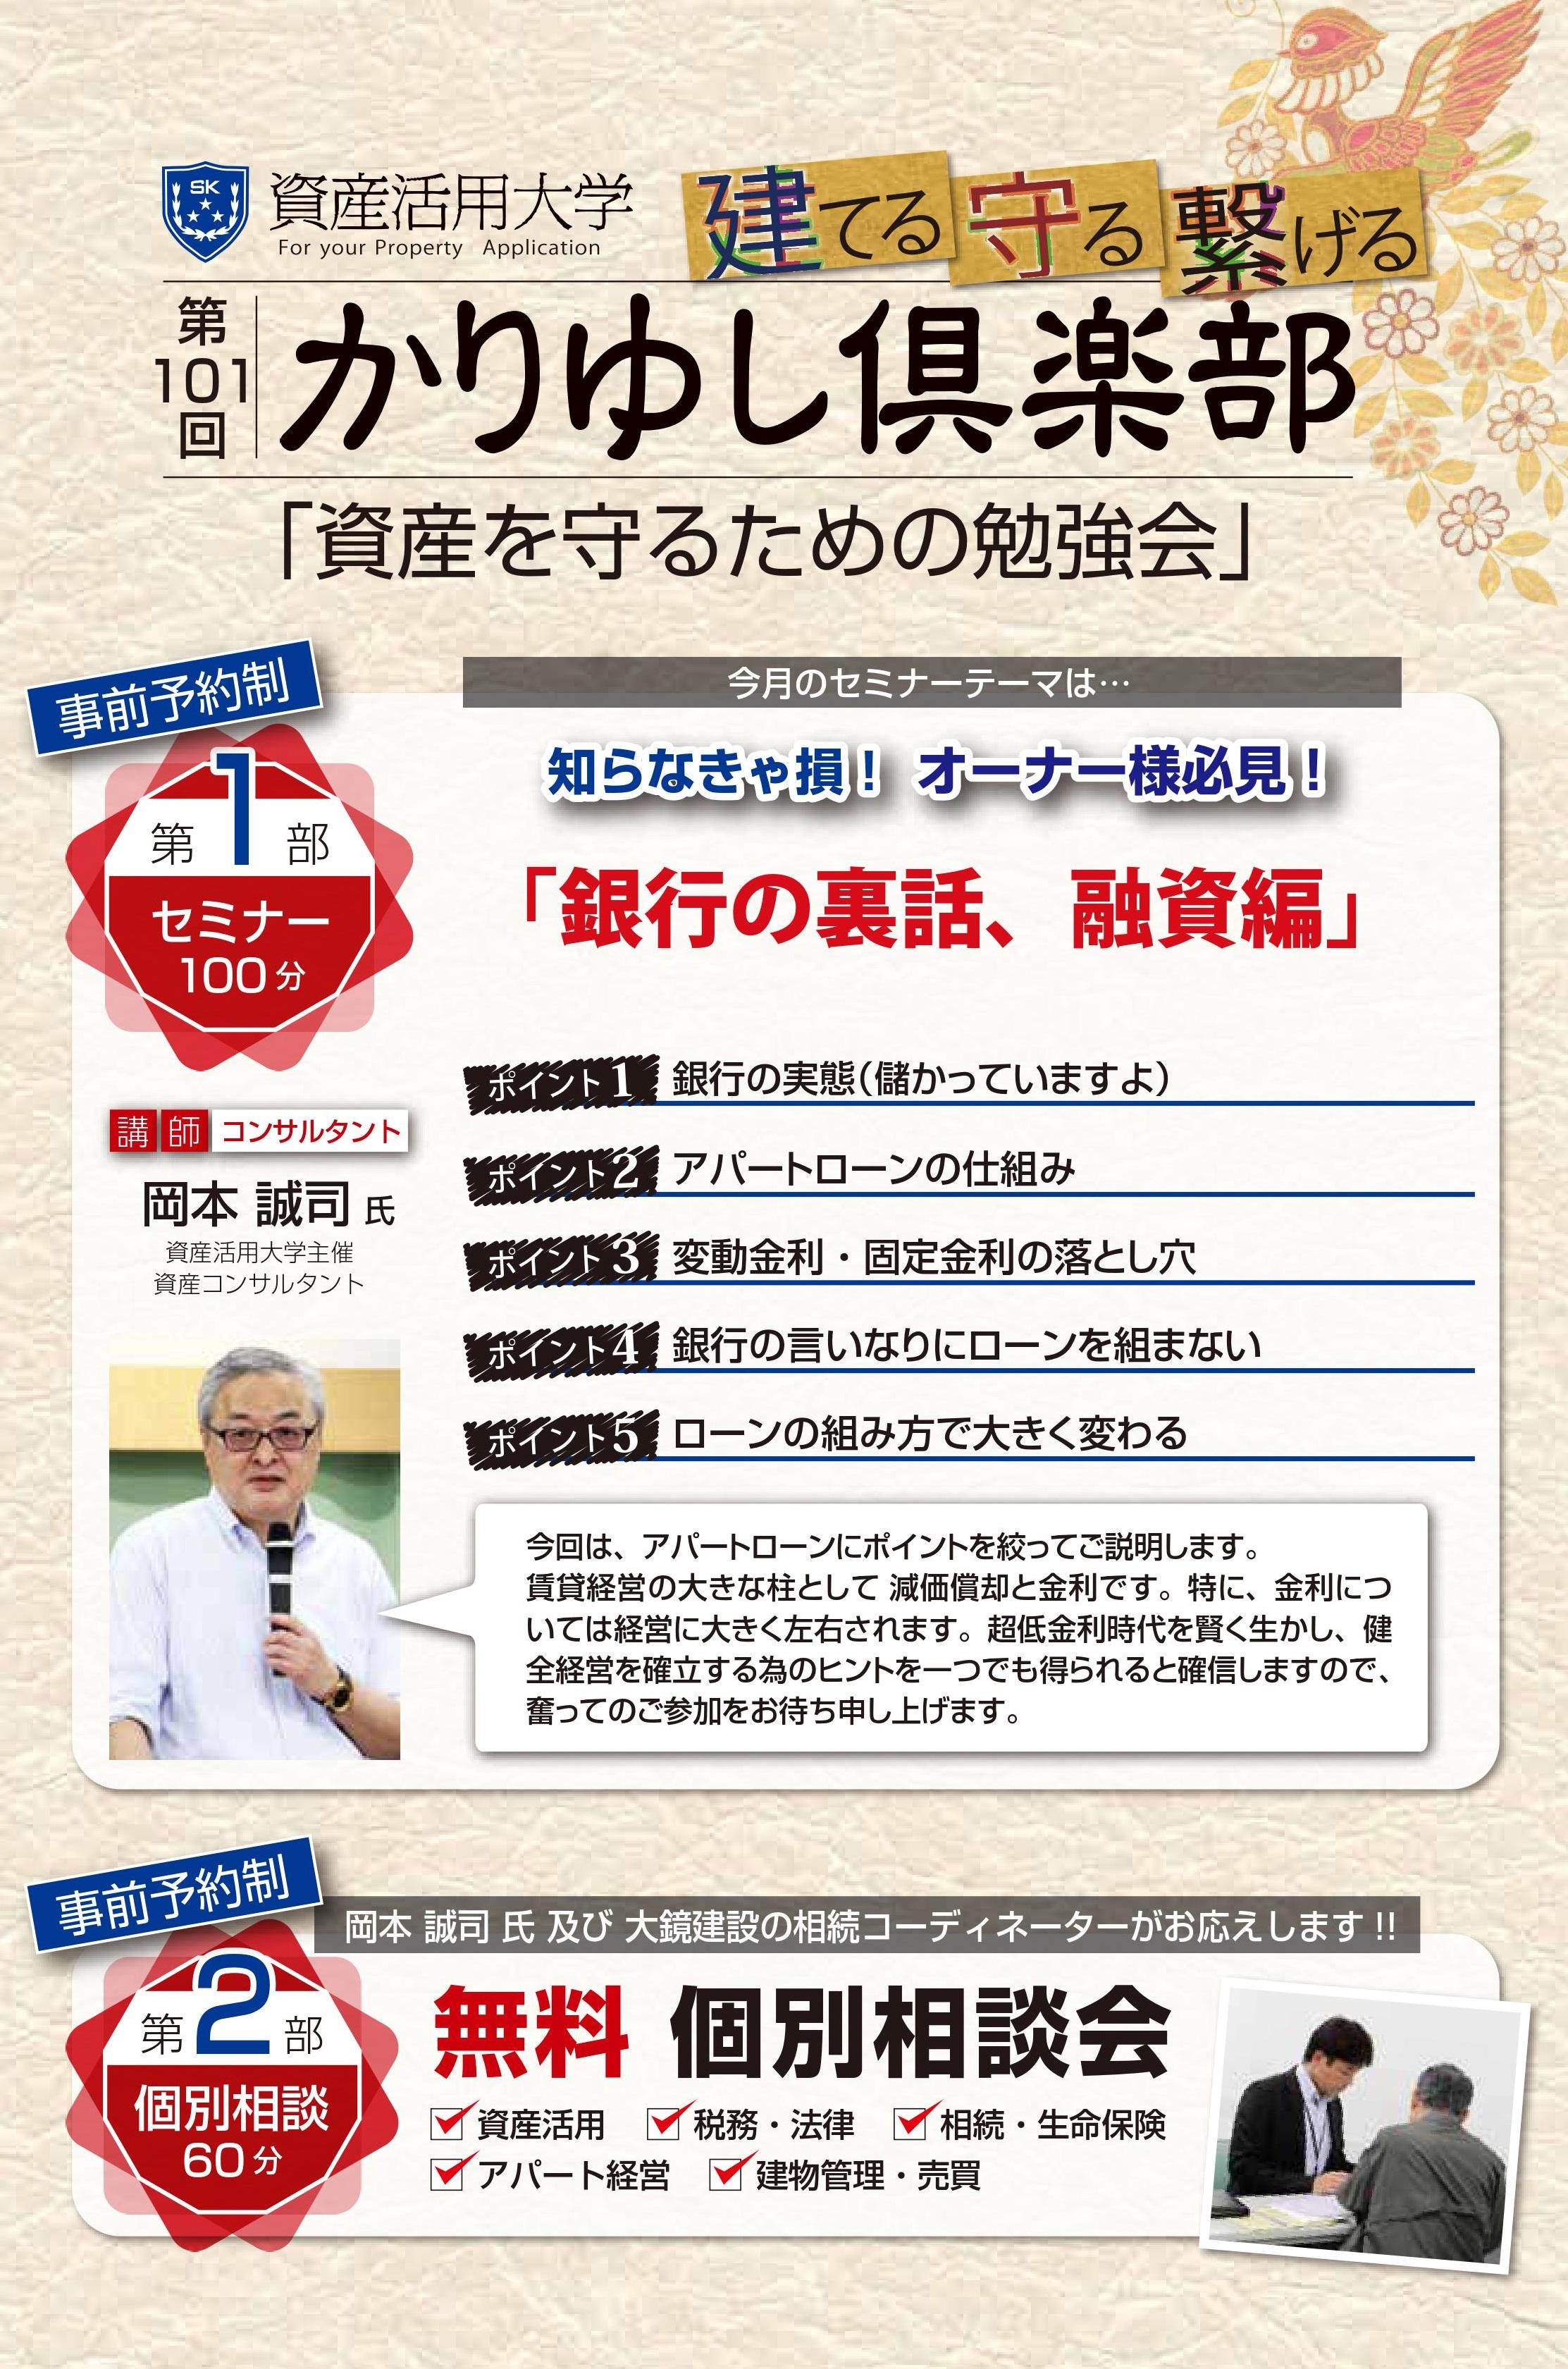 資産を守る勉強会 101回かりゆし倶楽部セミナー 大鏡建設